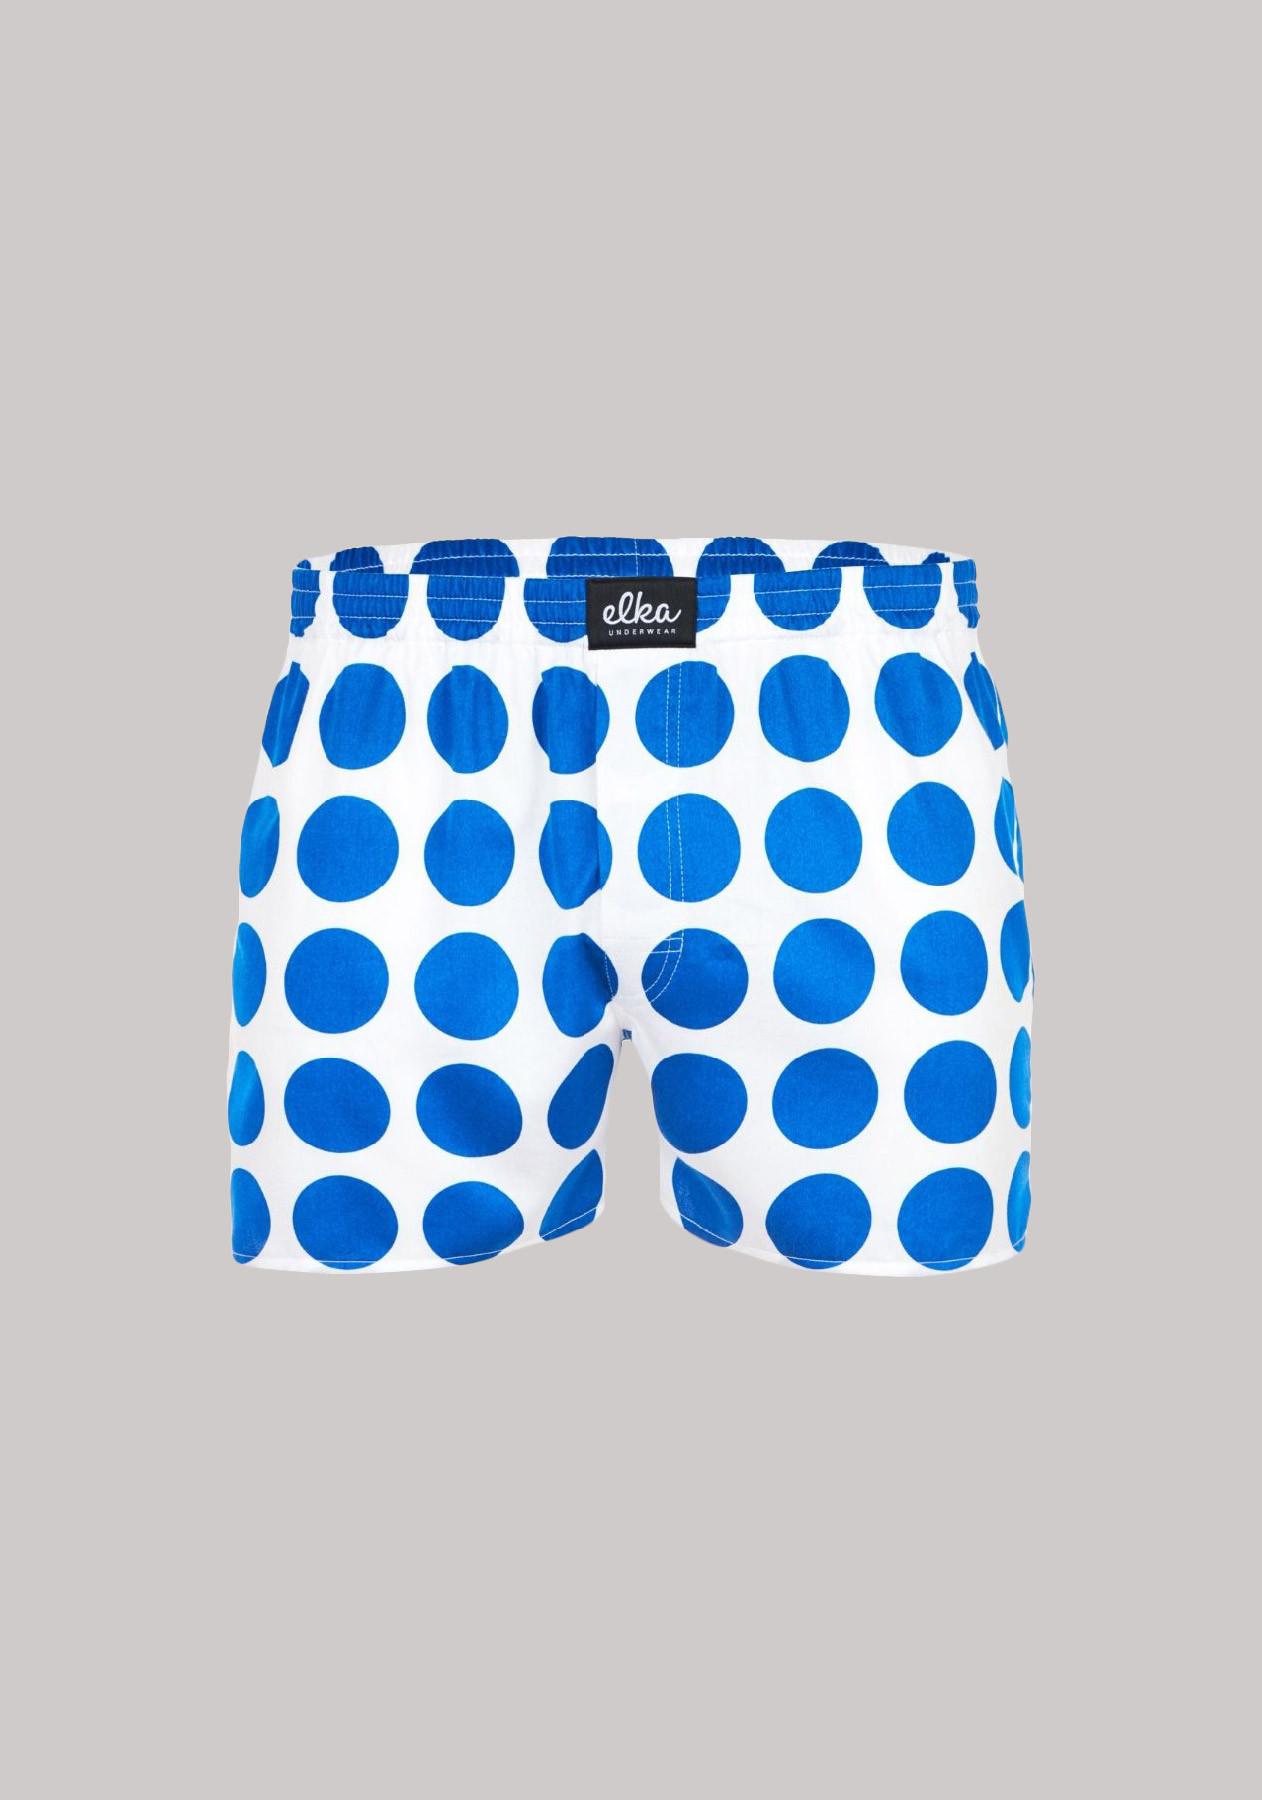 Men-boxershorts-ELKA-Lounge-P0033-1